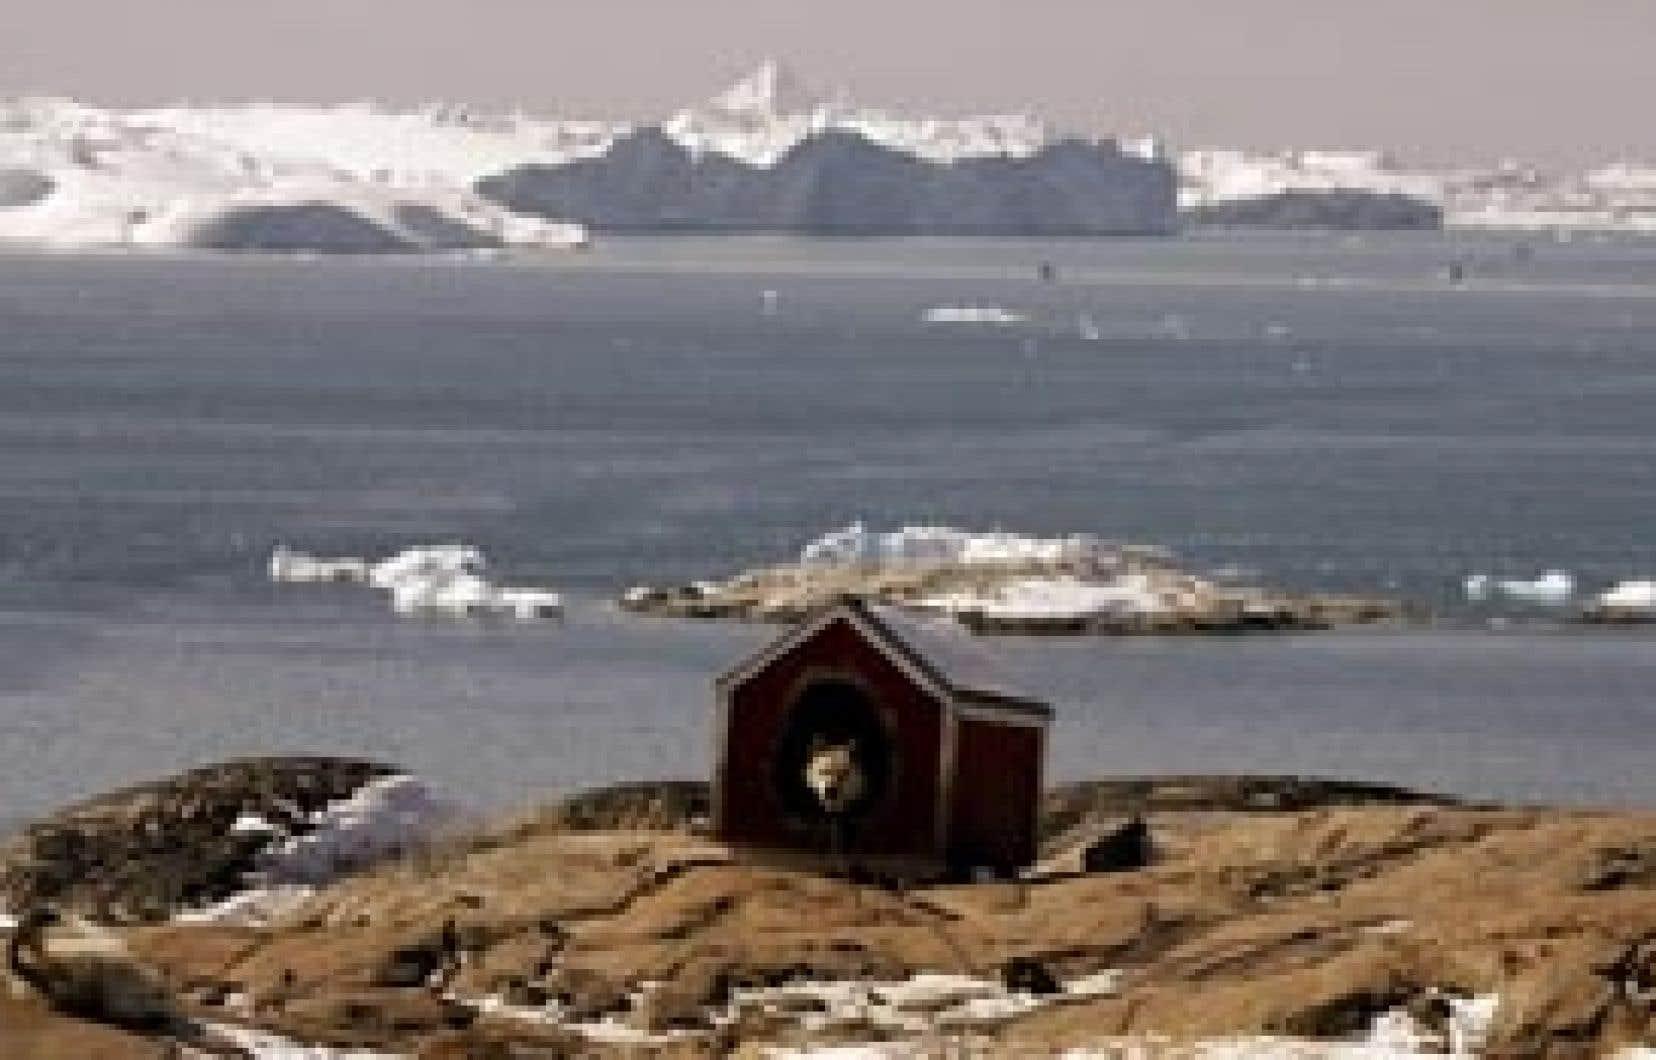 La disparition de la FCSCA affectera notamment les recherches effectuées à partir de données recueillies dans l'Arctique, une région particulièrement touchée par les changements climatiques.